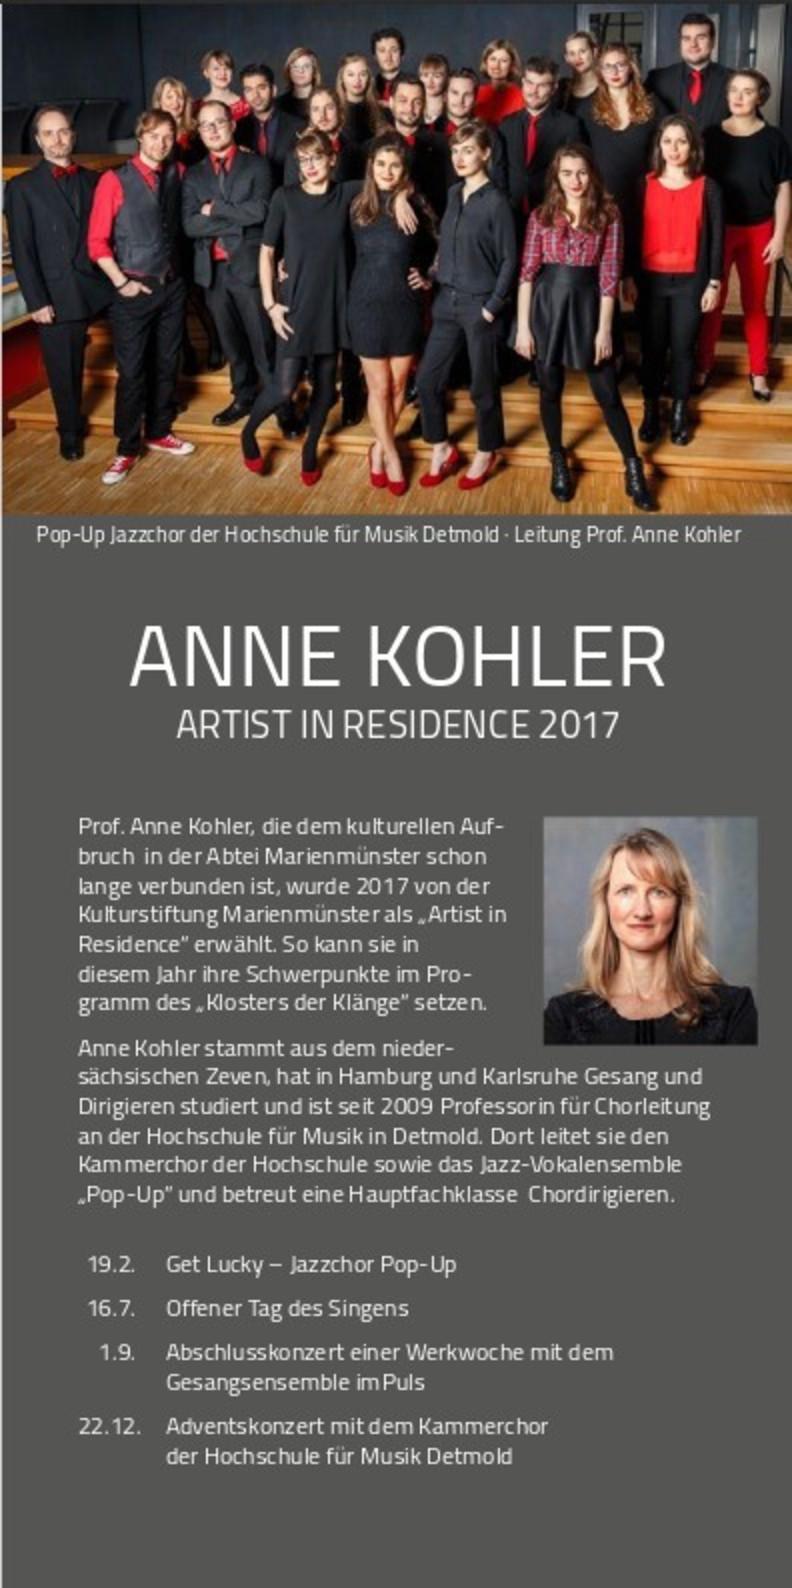 Anne Kohler ist Jahreskünstlerin der Kulturstifung Marienmünster